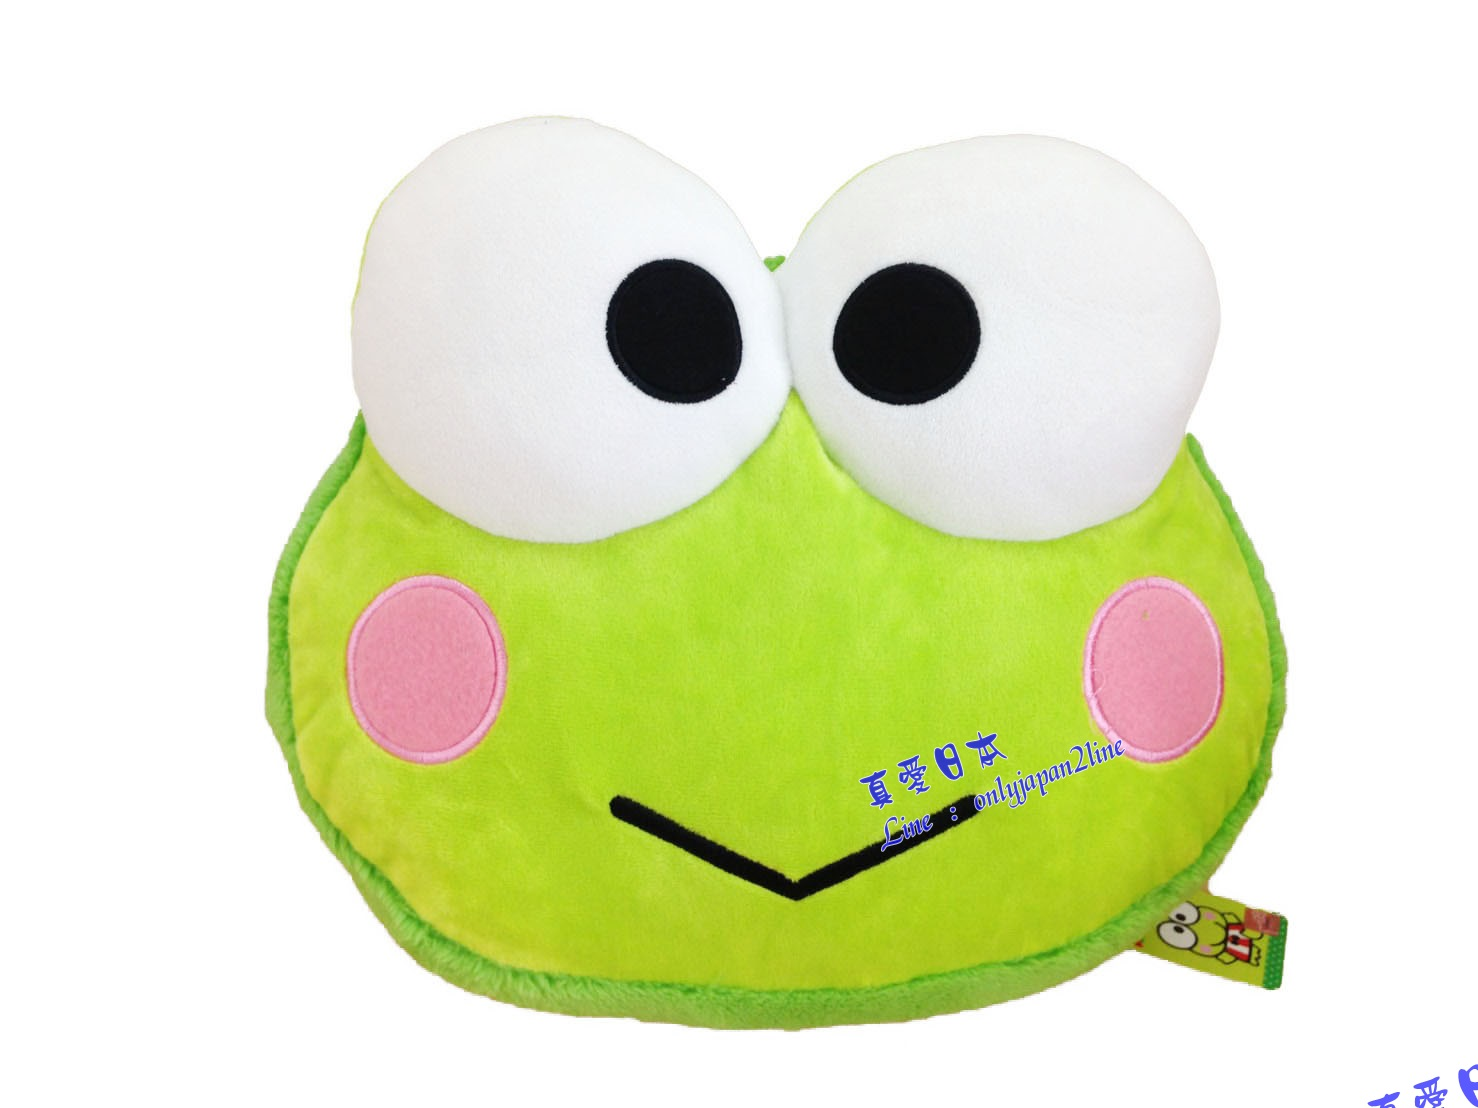 【真愛日本】16071500003馬卡龍頭型抱枕-大眼娃   三麗鷗家族  Keroppi 大眼蛙 皮皮蛙 娃娃 抱枕  靠枕